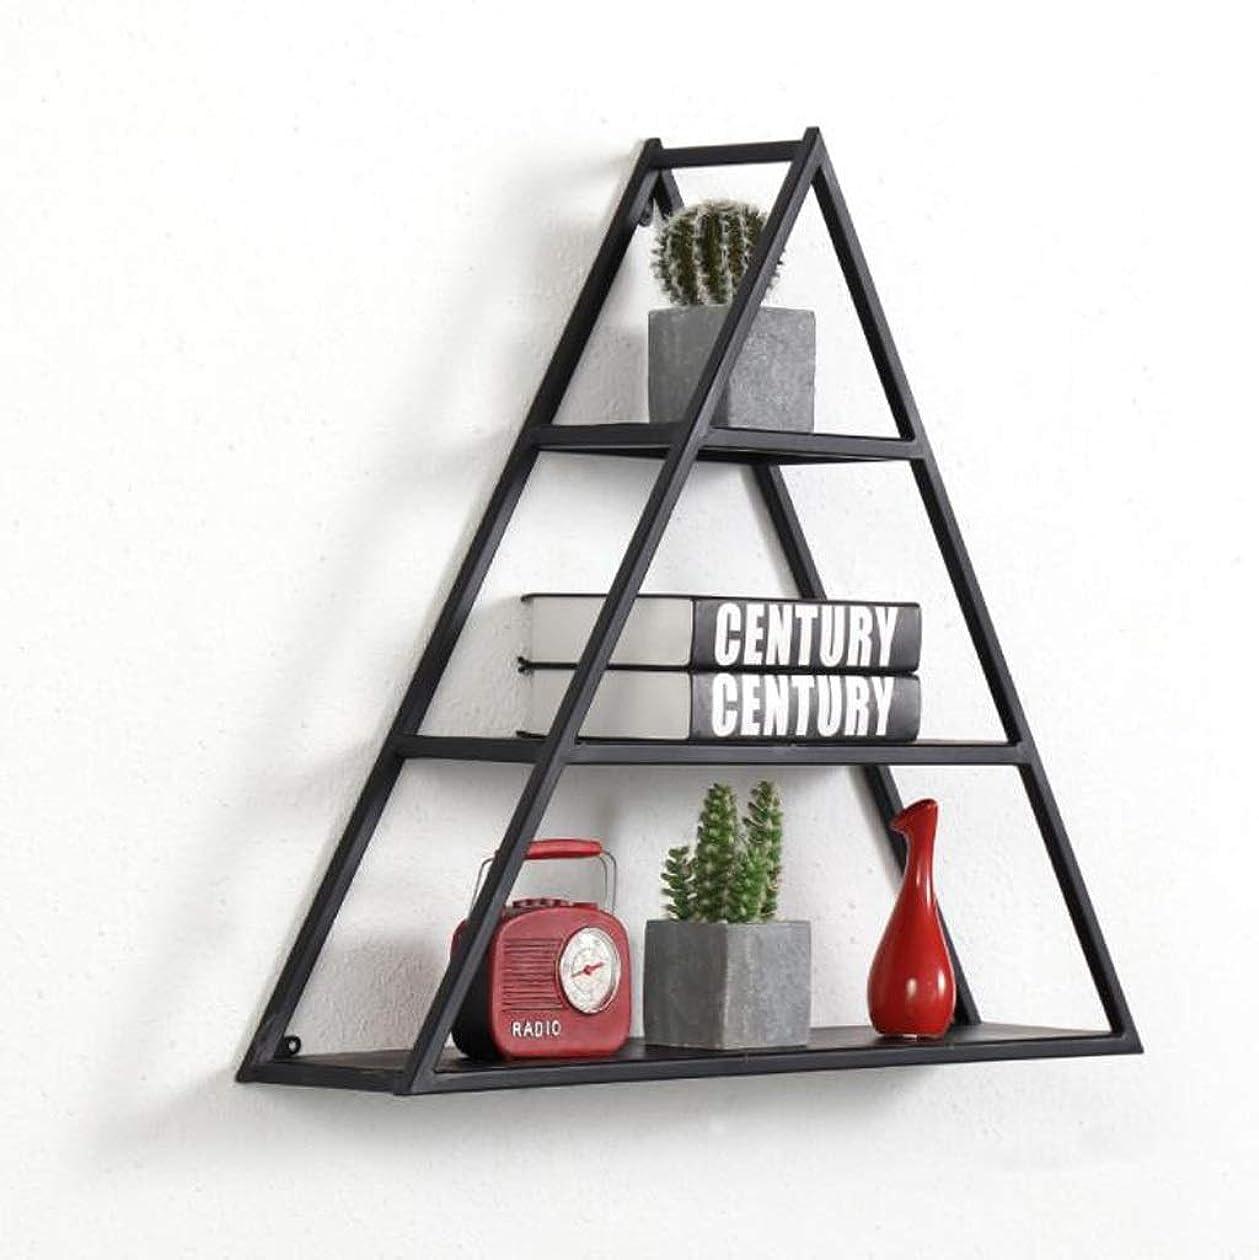 良心的ミニチュアスロープ鉄の棚の簡単な三角形の壁の壁の壁の装飾フレーム LUYIYI